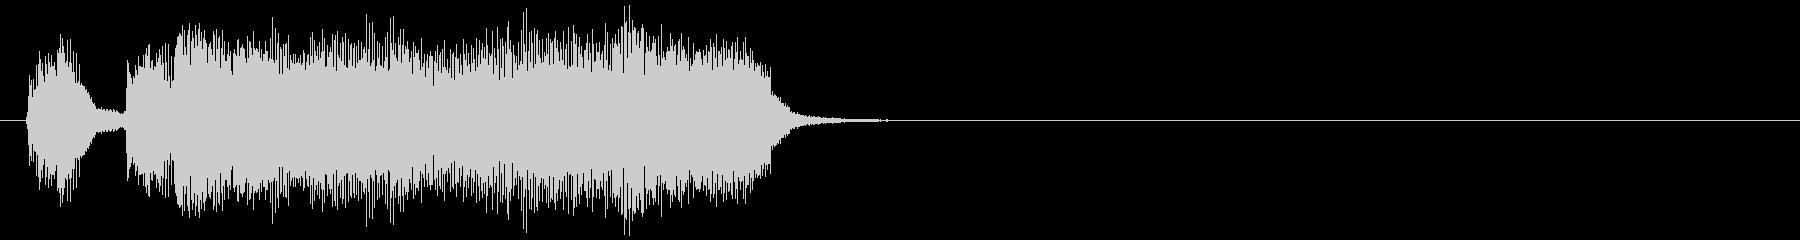 汎用11 テッテレーの未再生の波形